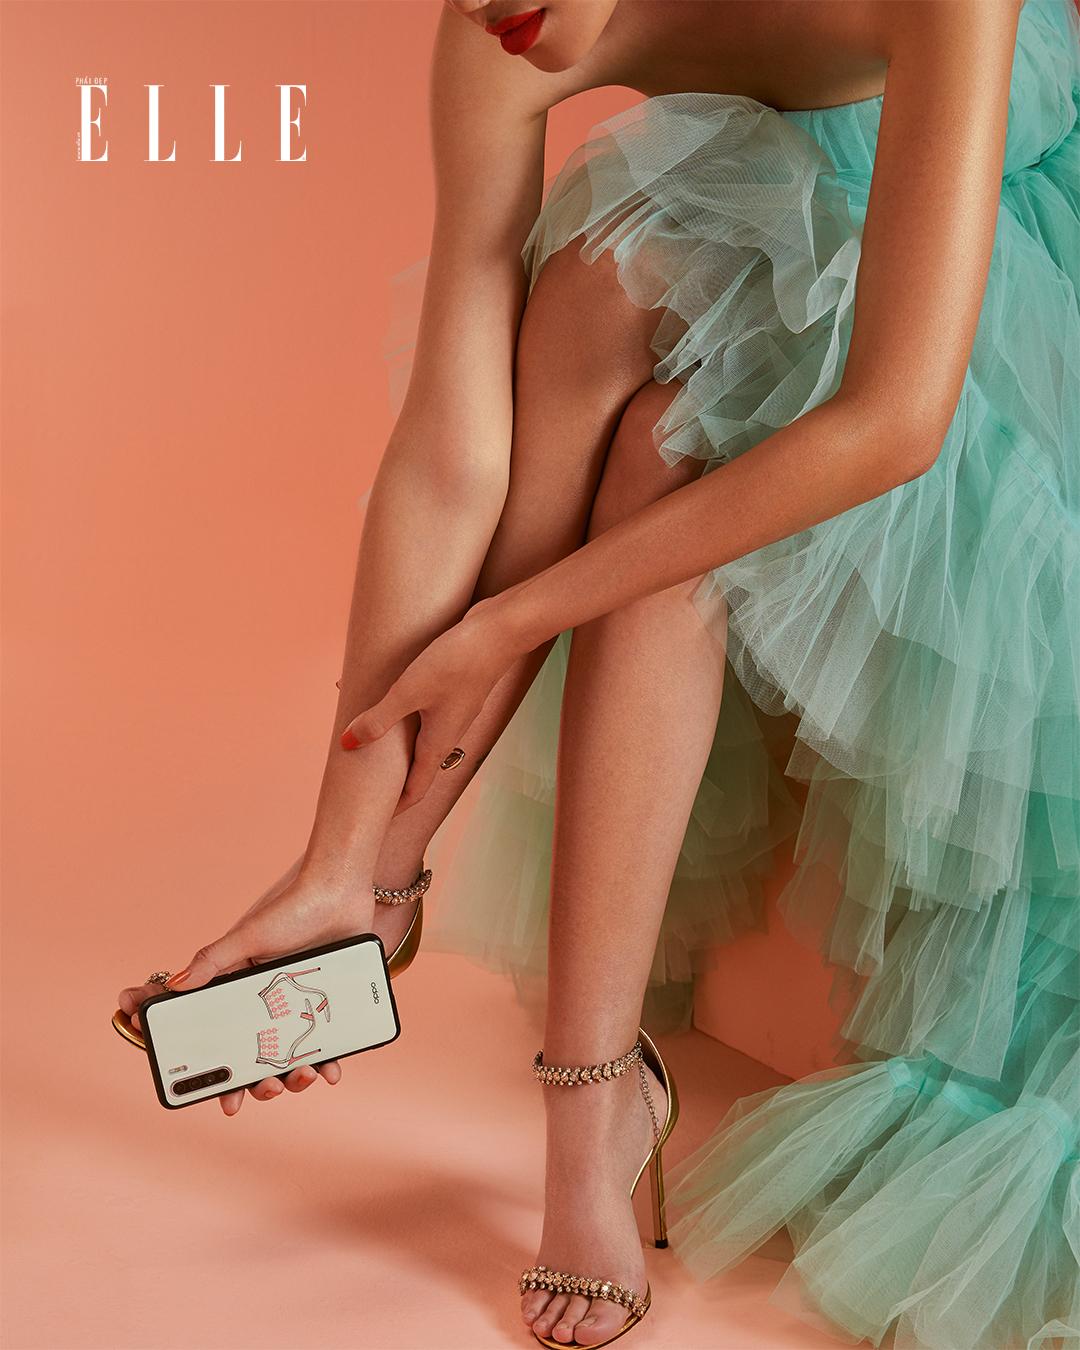 Bộ ảnh thời trang Bản Ngã Thời Thượng - Người mẫu diện đầm voan xanh nhạt, cầm điện thoại OPPO Reno3